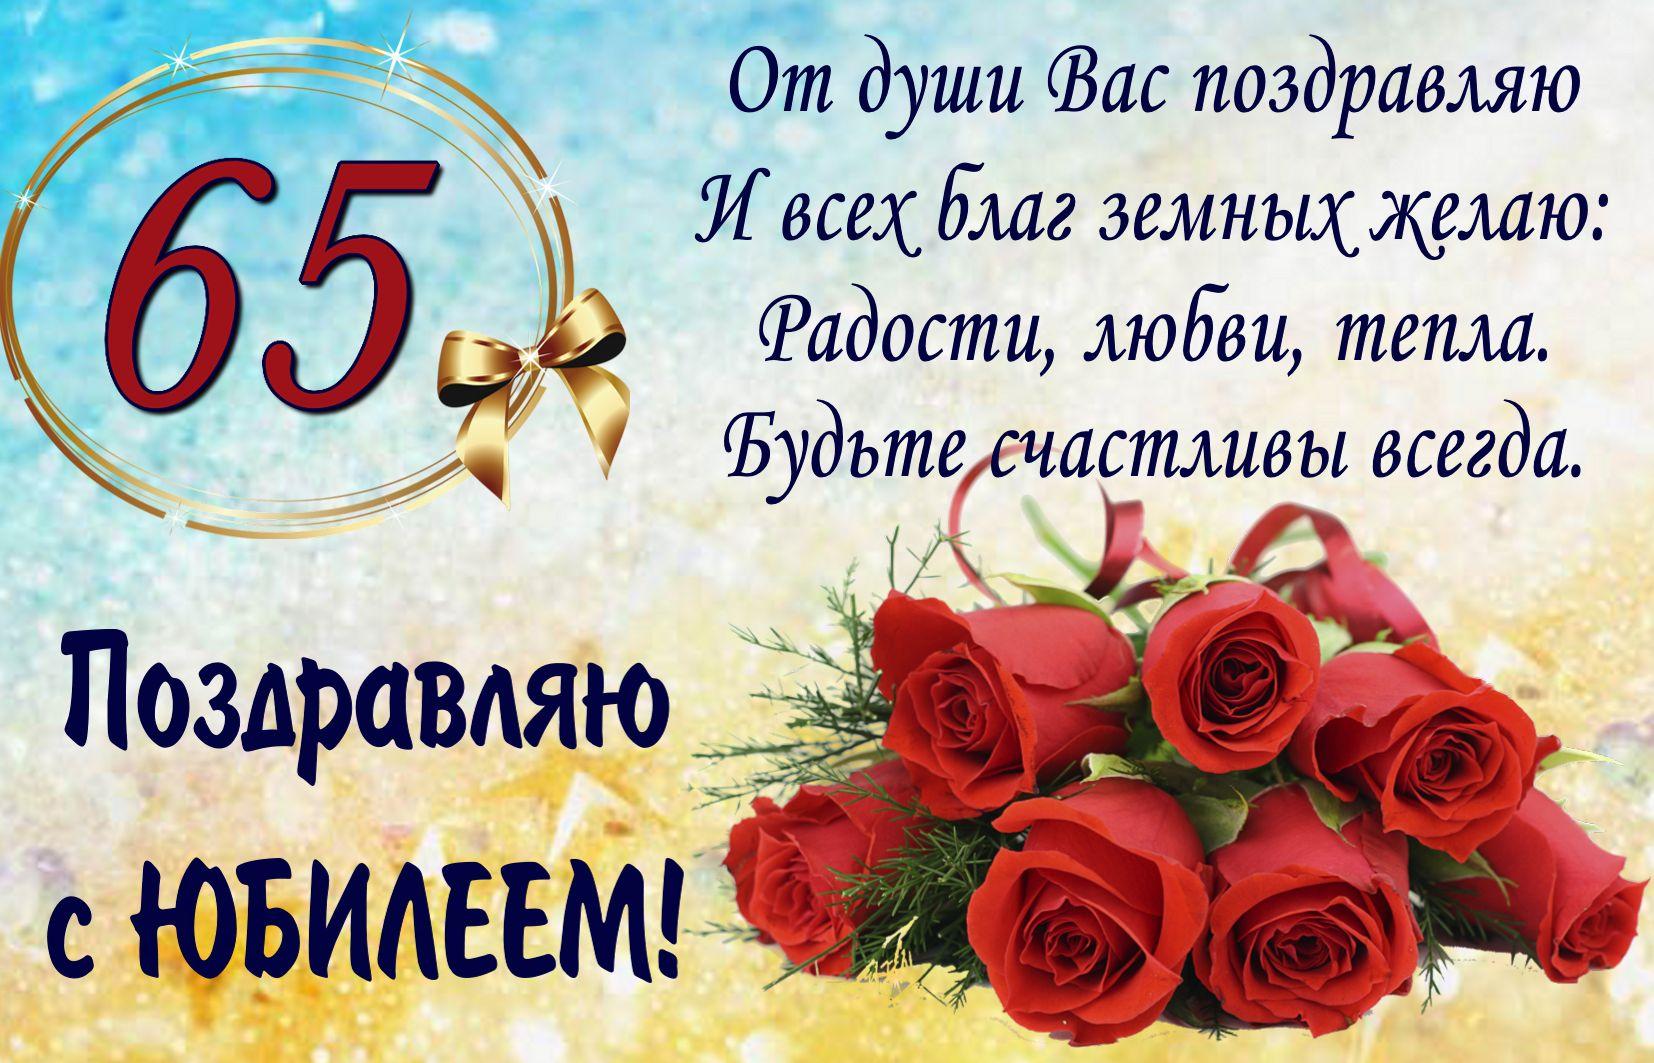 Поздравление виктору 65 лет 43